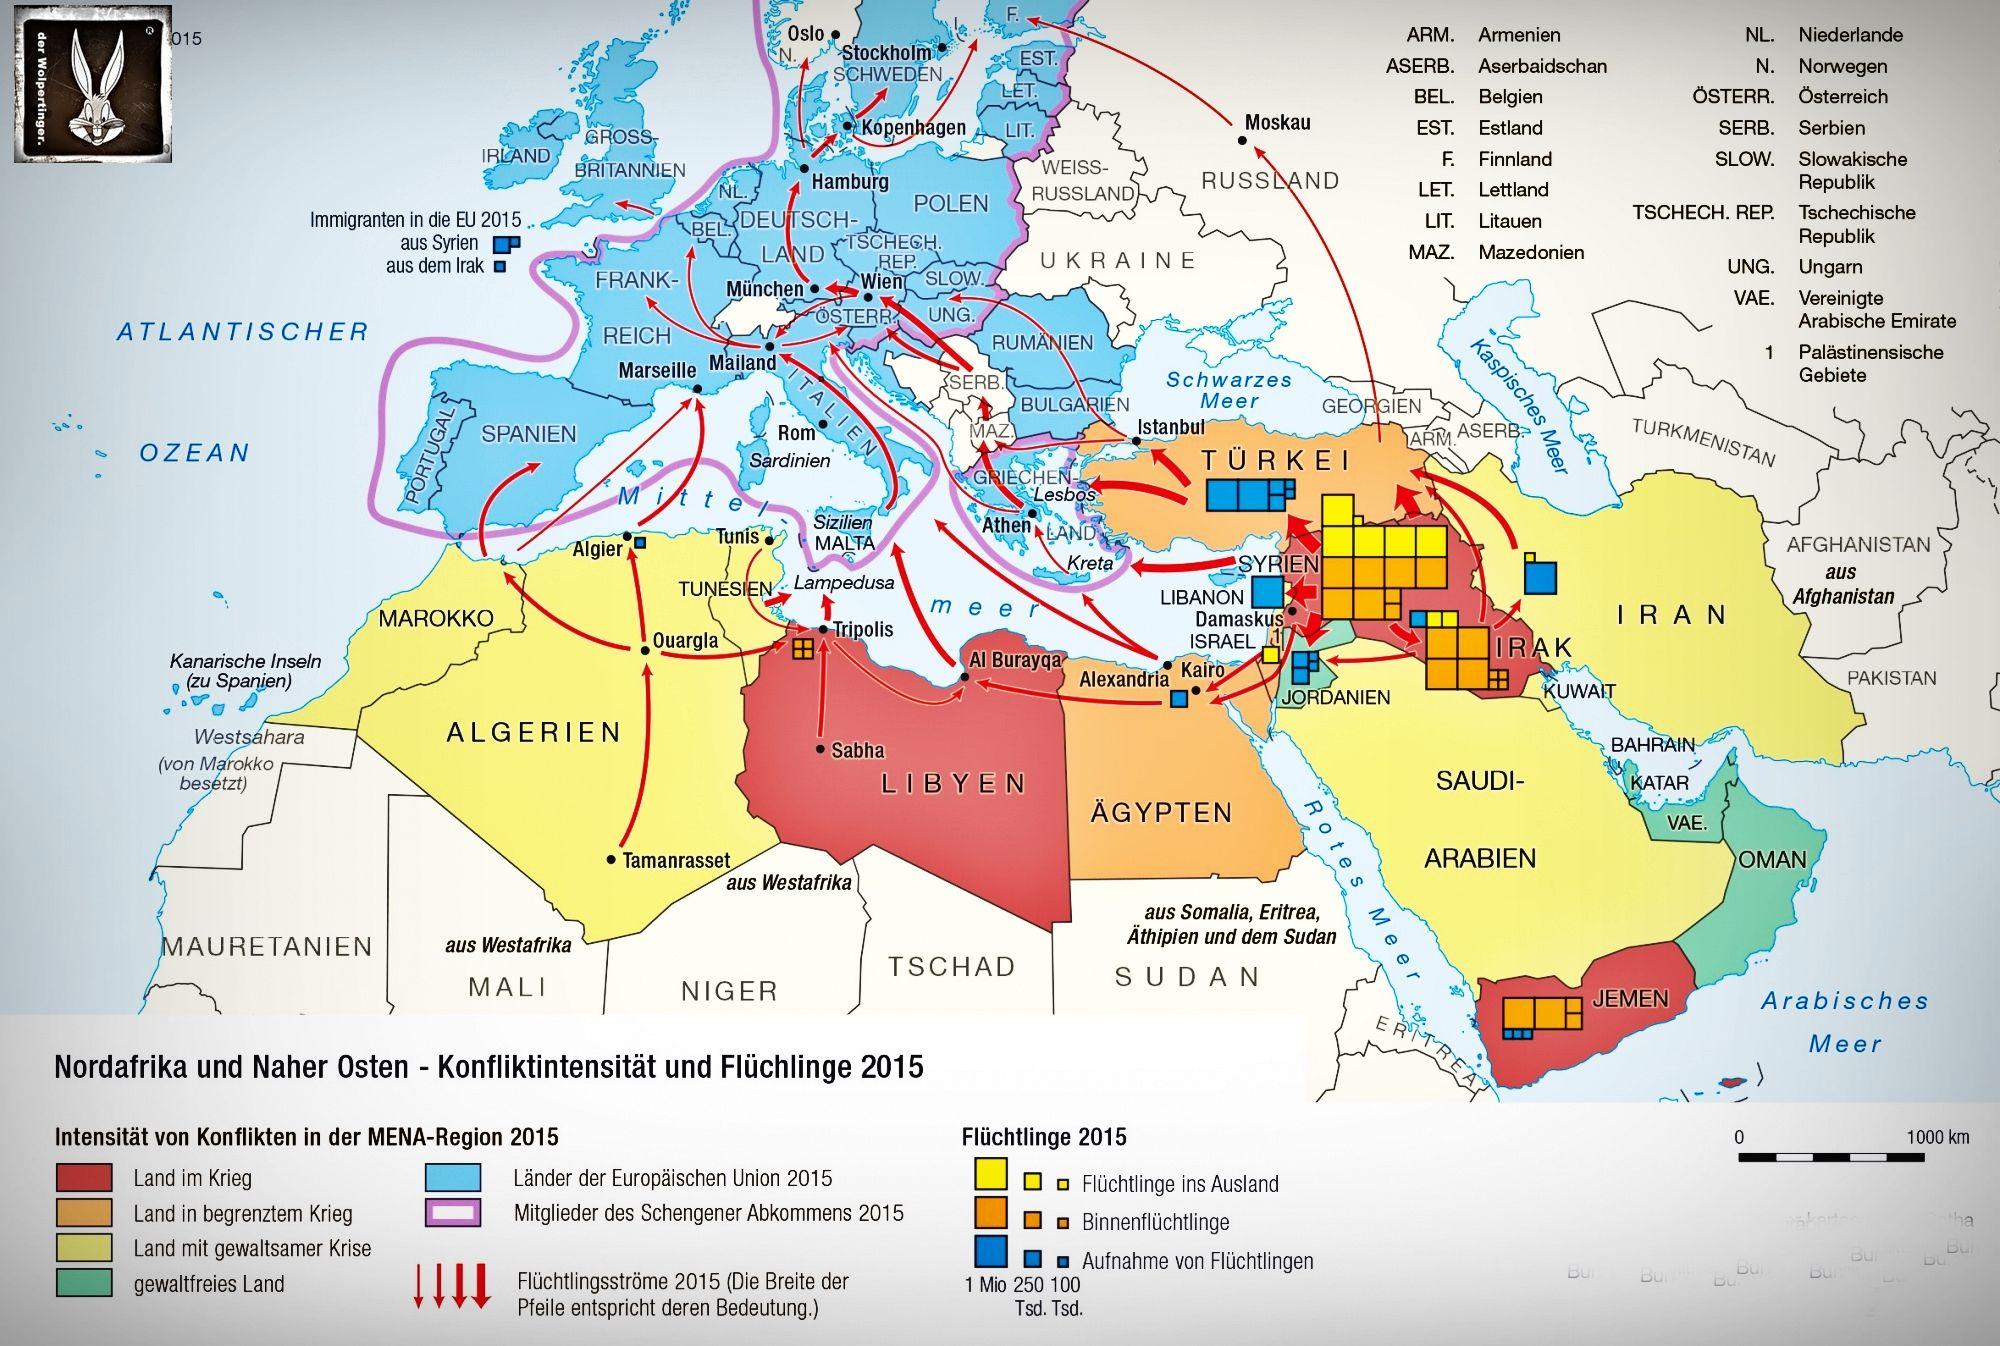 Nordafrika Fluchtlingsrouten Serbien Estland Finnland